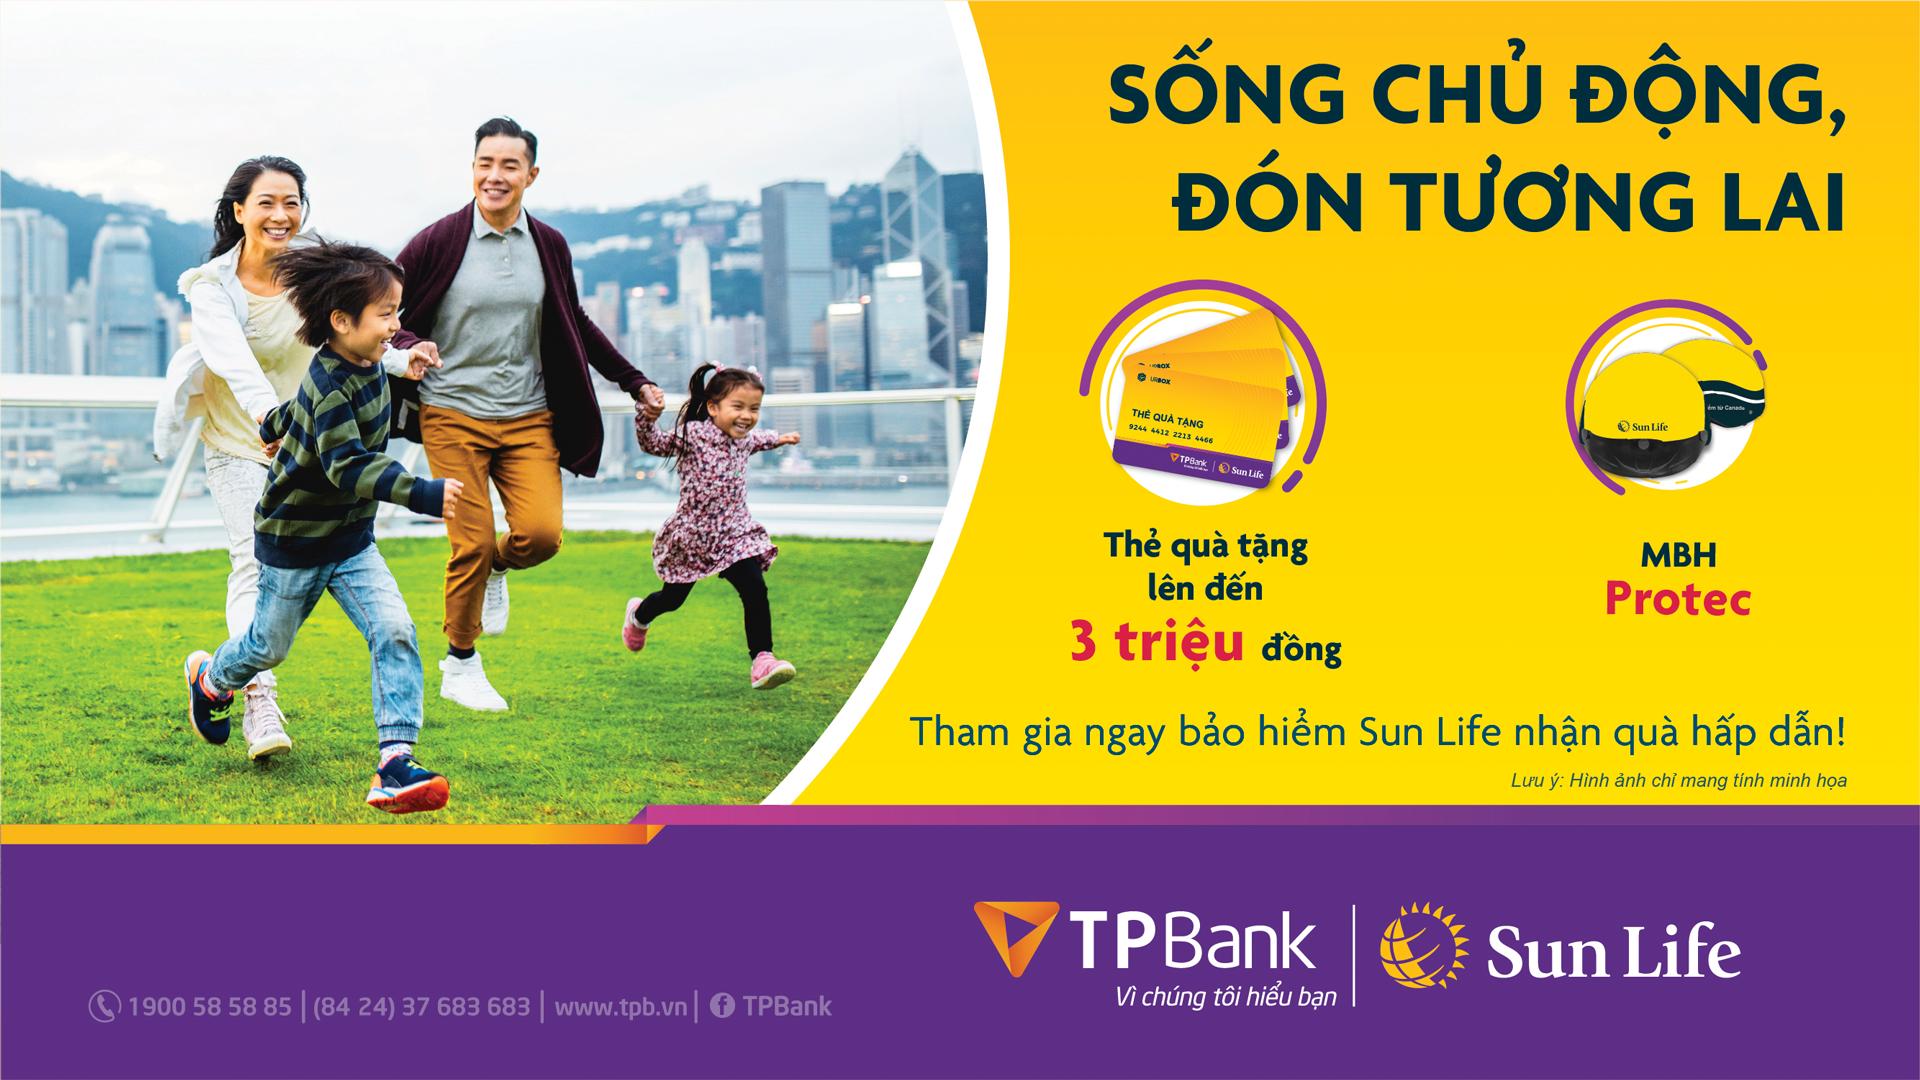 Nhận quà hấp dẫn khi mua bảo hiểm Sun Life qua TPBank